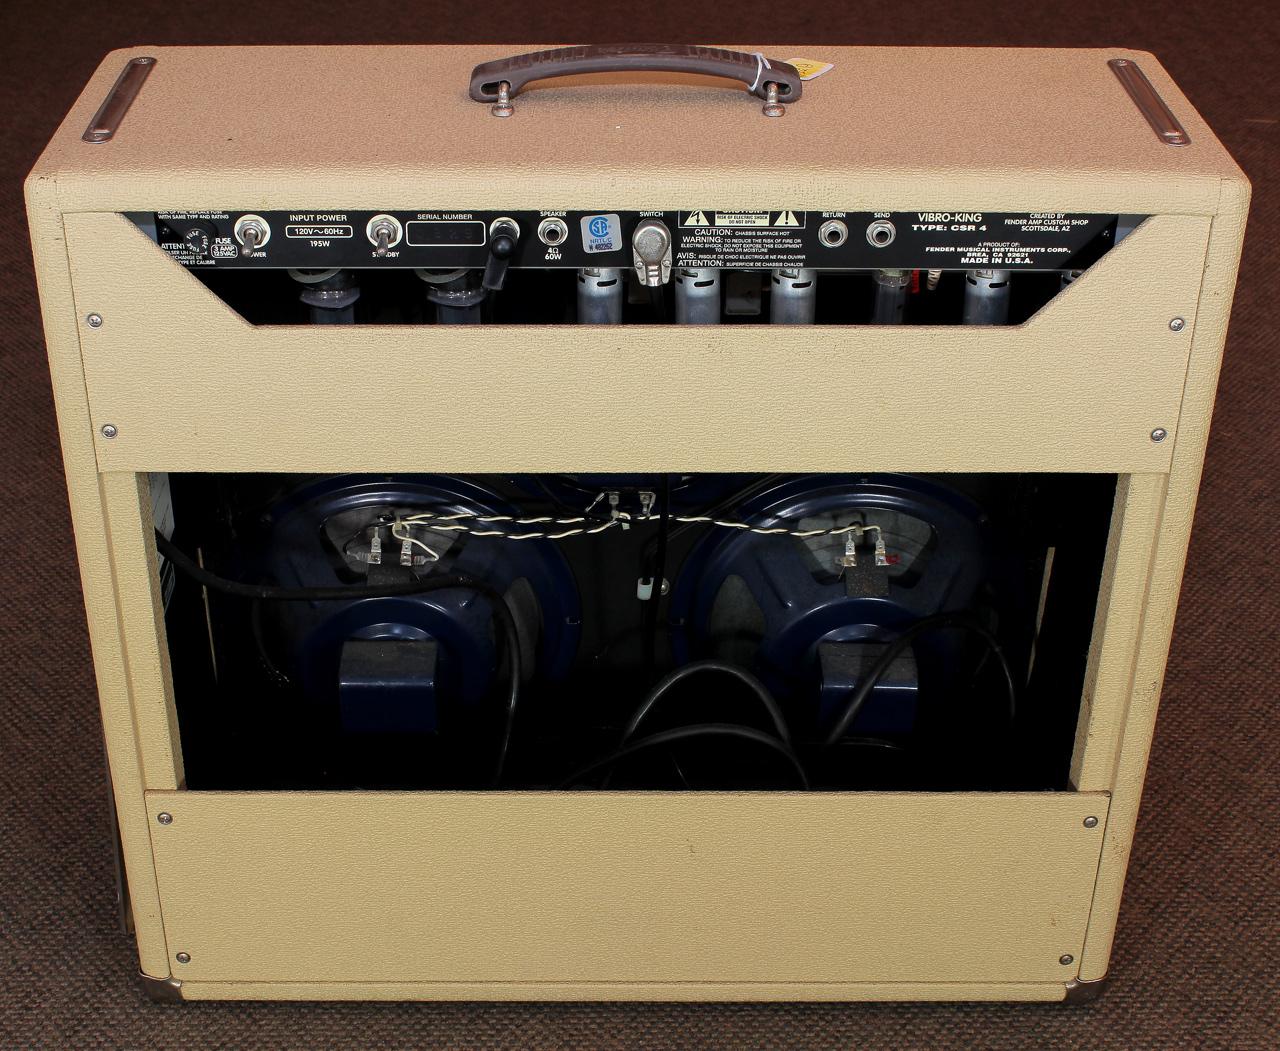 Fender Vibro King CSR4 Amplifier rear view